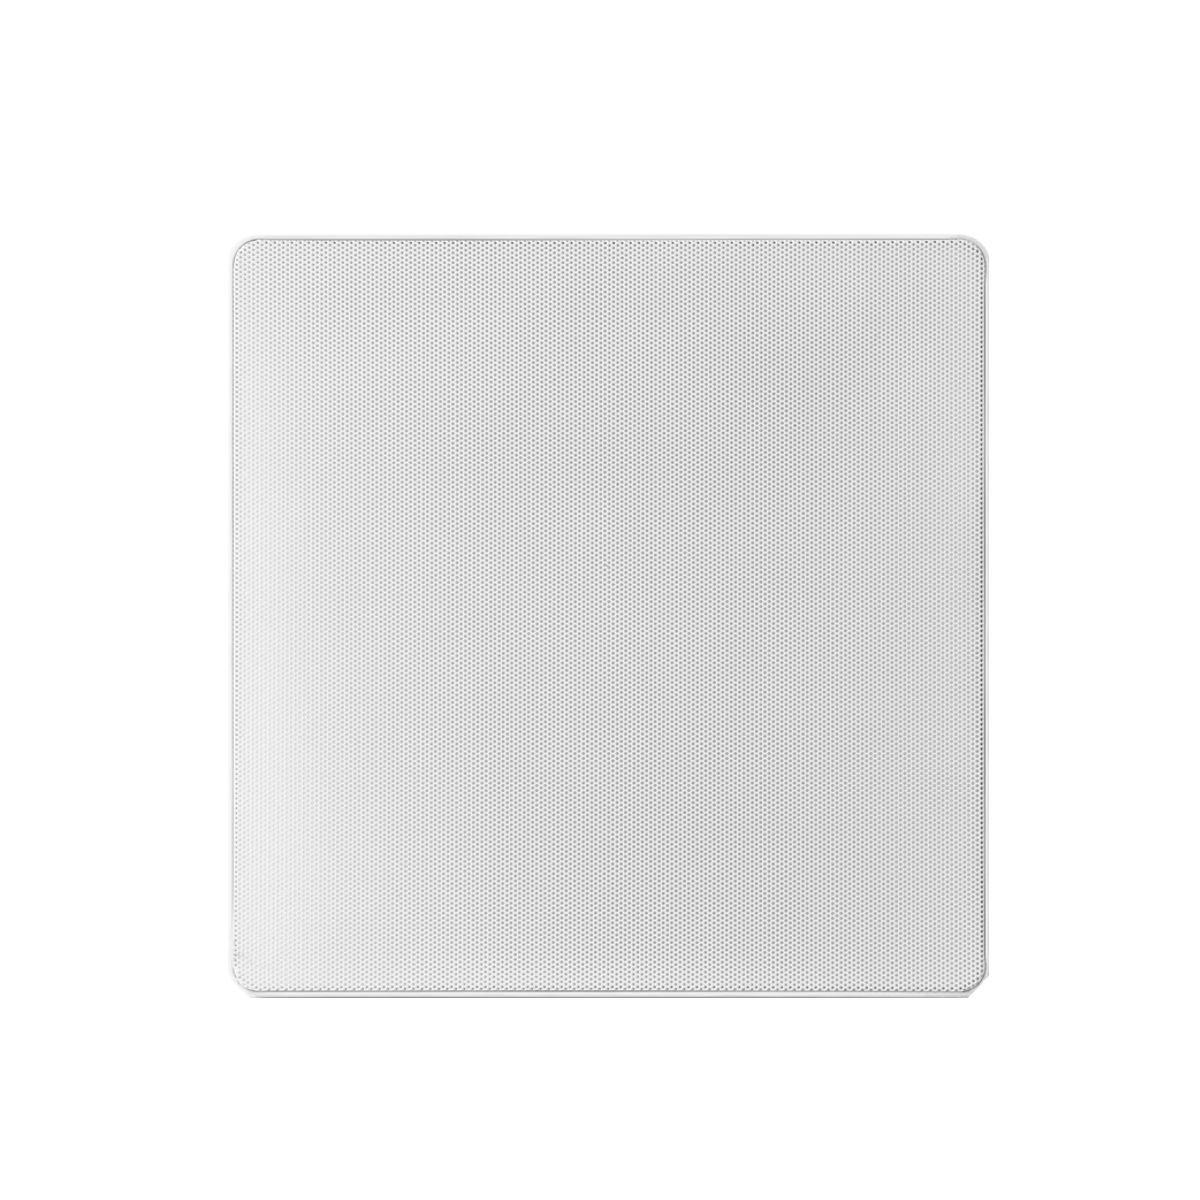 Kit 7.0 Caixa de Embutir no Gesso Borderless NQ6-A100 + NQ6-M100 AAT